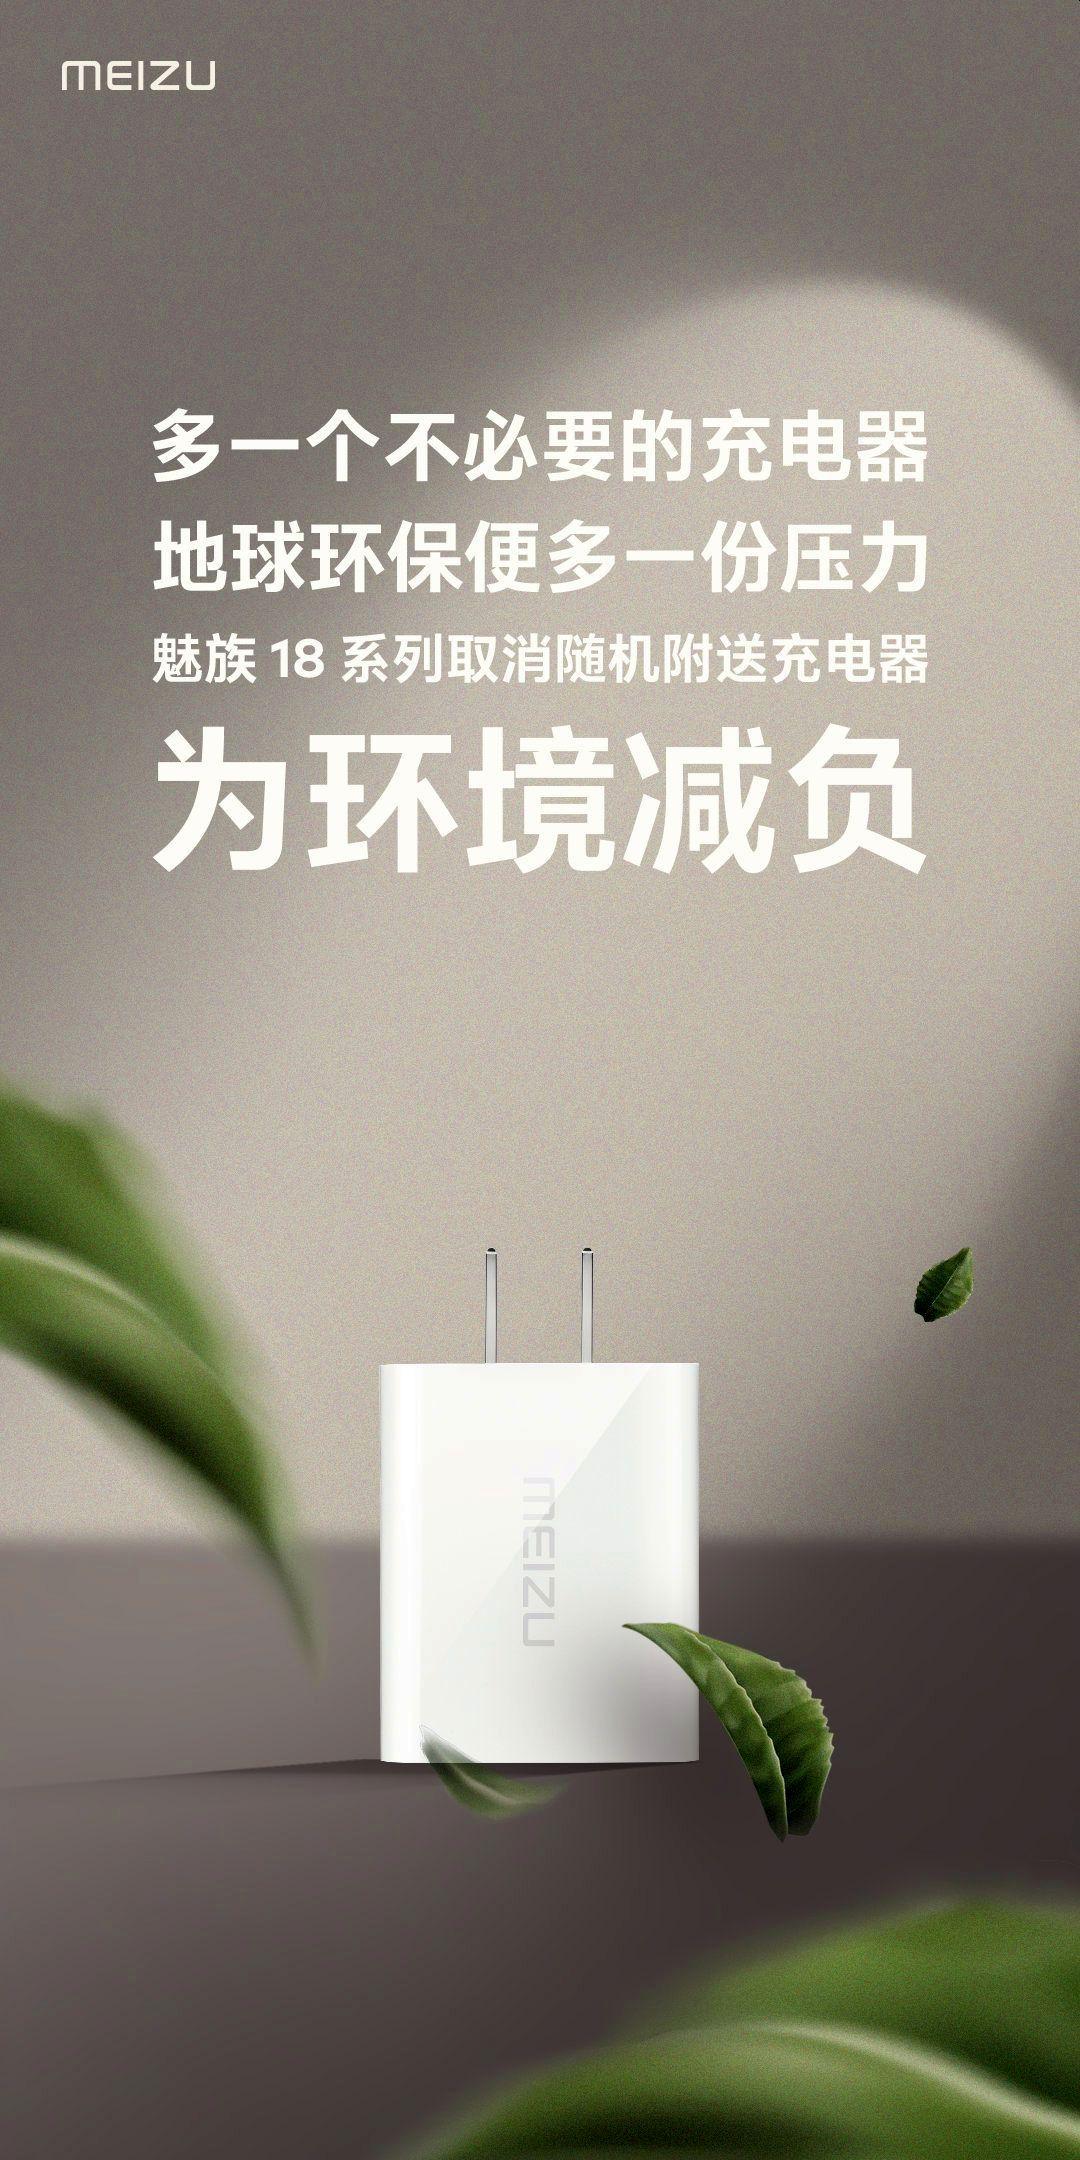 Και η Meizu αφαιρεί τον φορτιστή από τη σειρά Meizu 18 για....περιβαλλοντικούς λόγους αναφέρει!